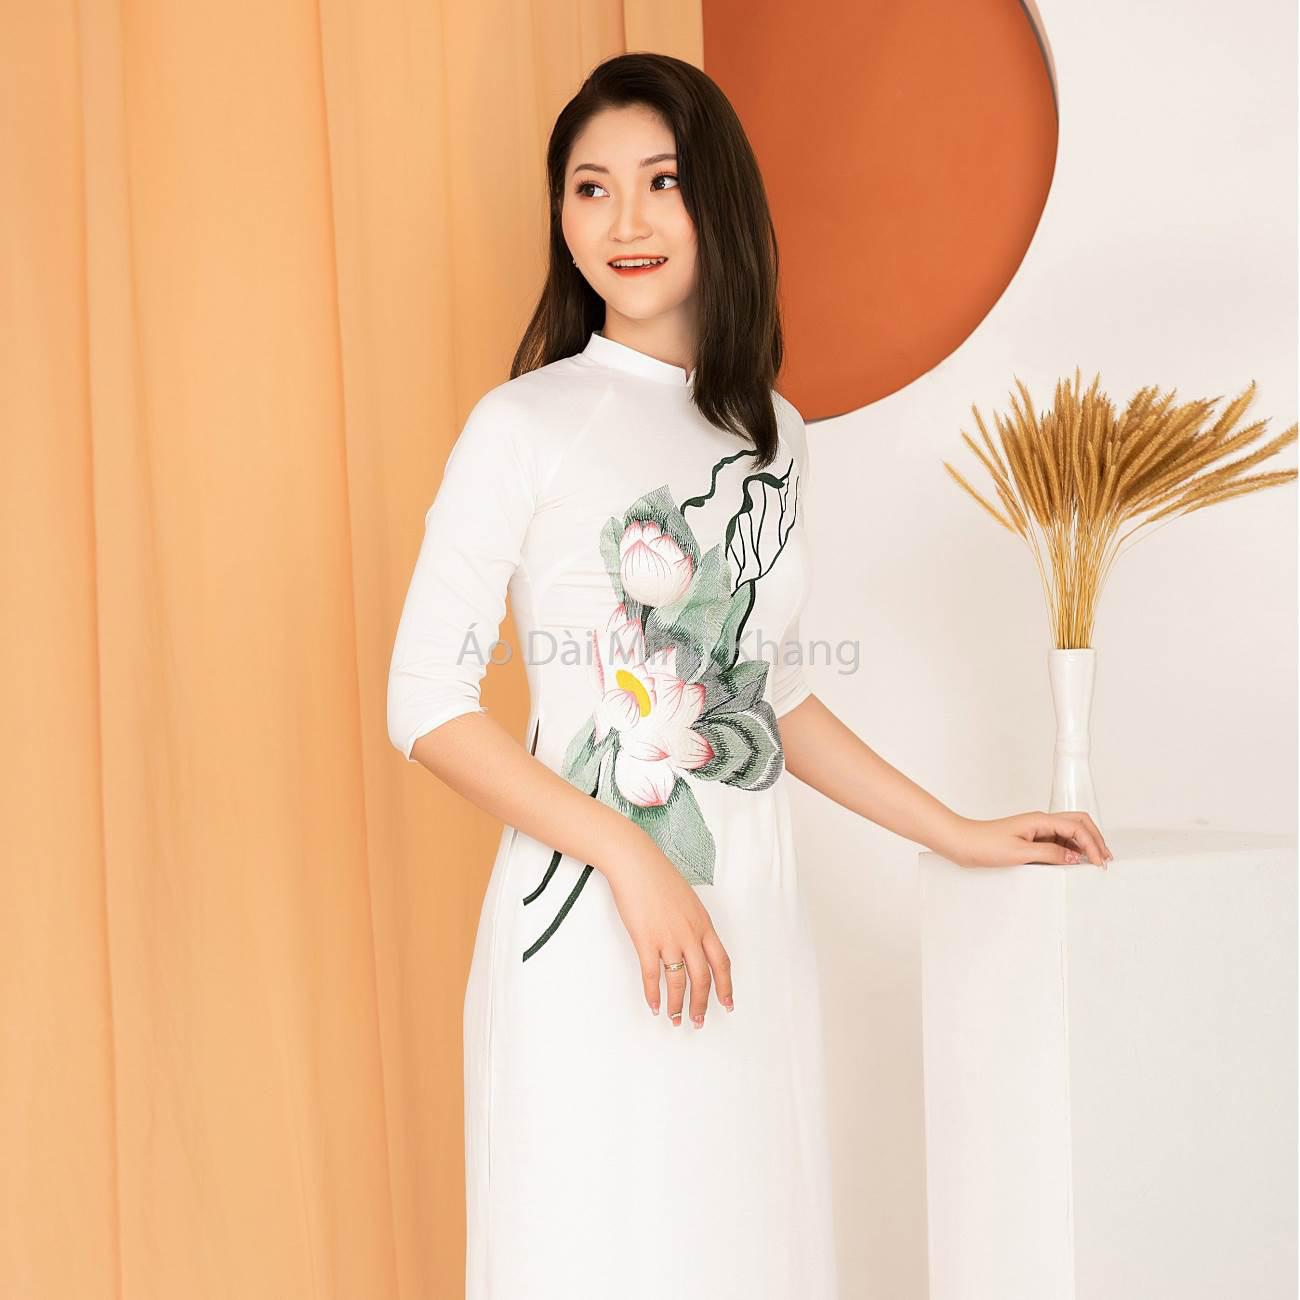 Thương hiệu thời trang áo dài Minh Khang niềm tự hào của phái đẹp Việt - Ảnh 4.